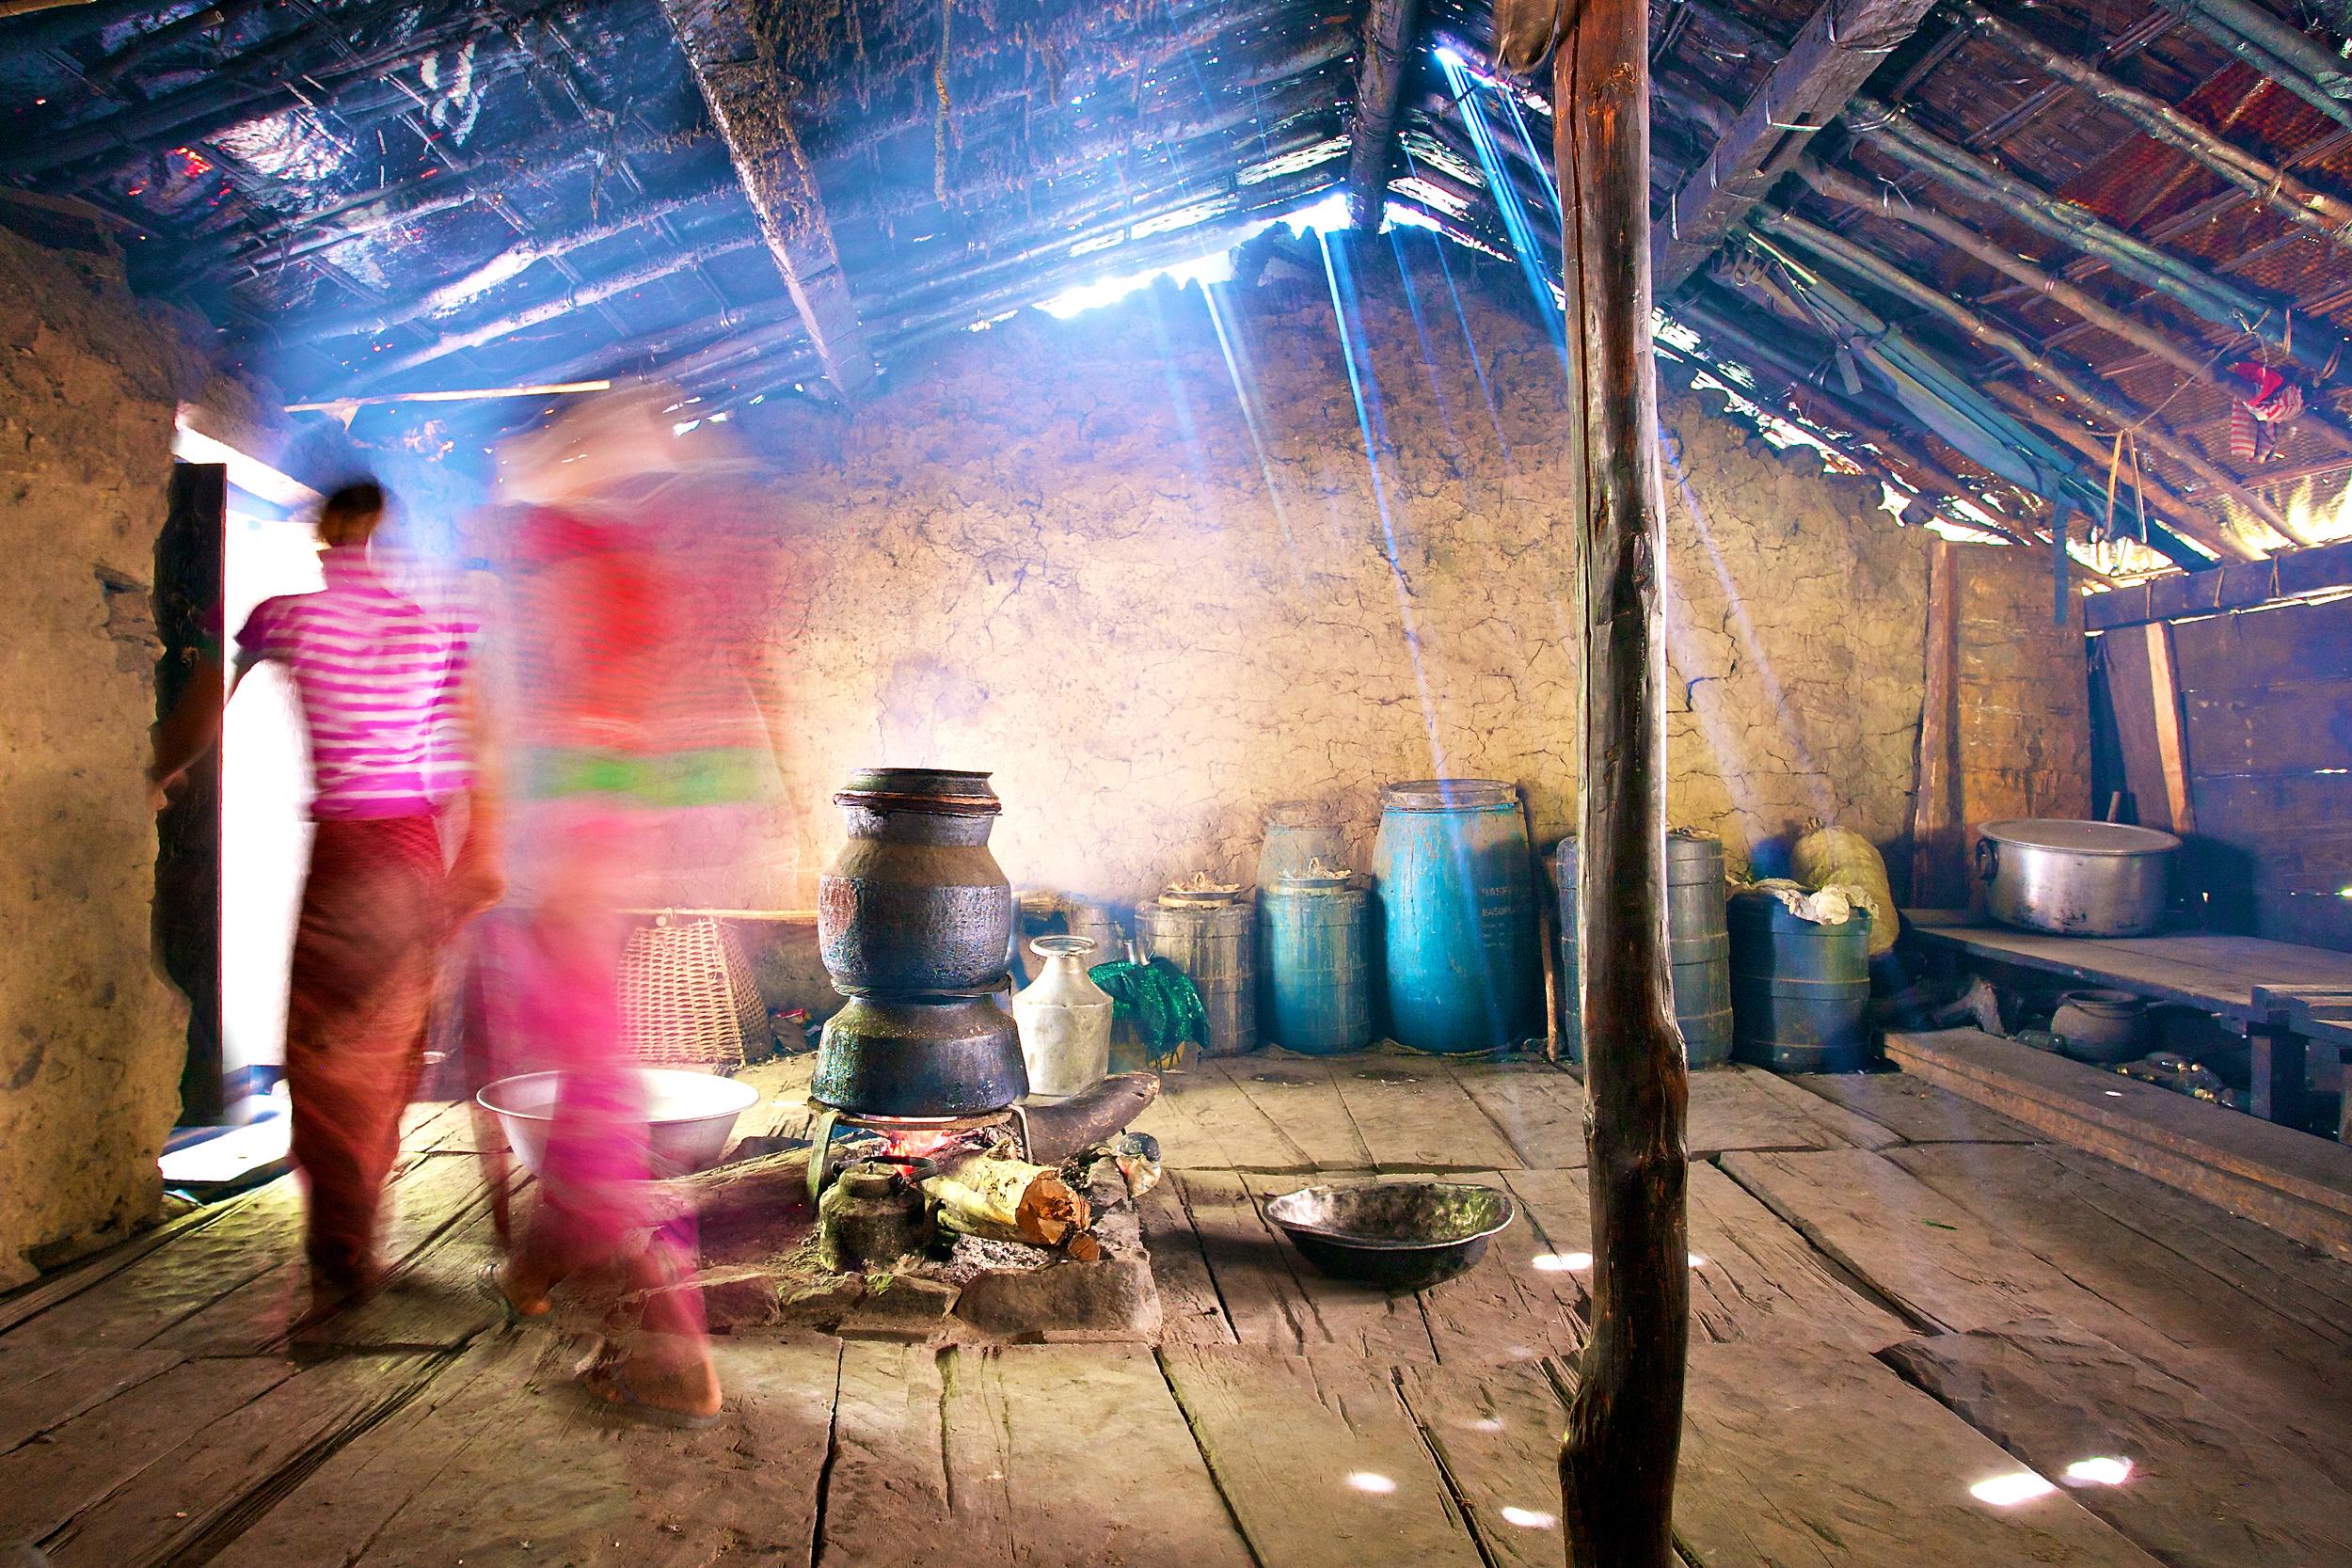 Een traditionele keuken waar de potten op het vuur staan om de lokale traditionele wijn te maken.